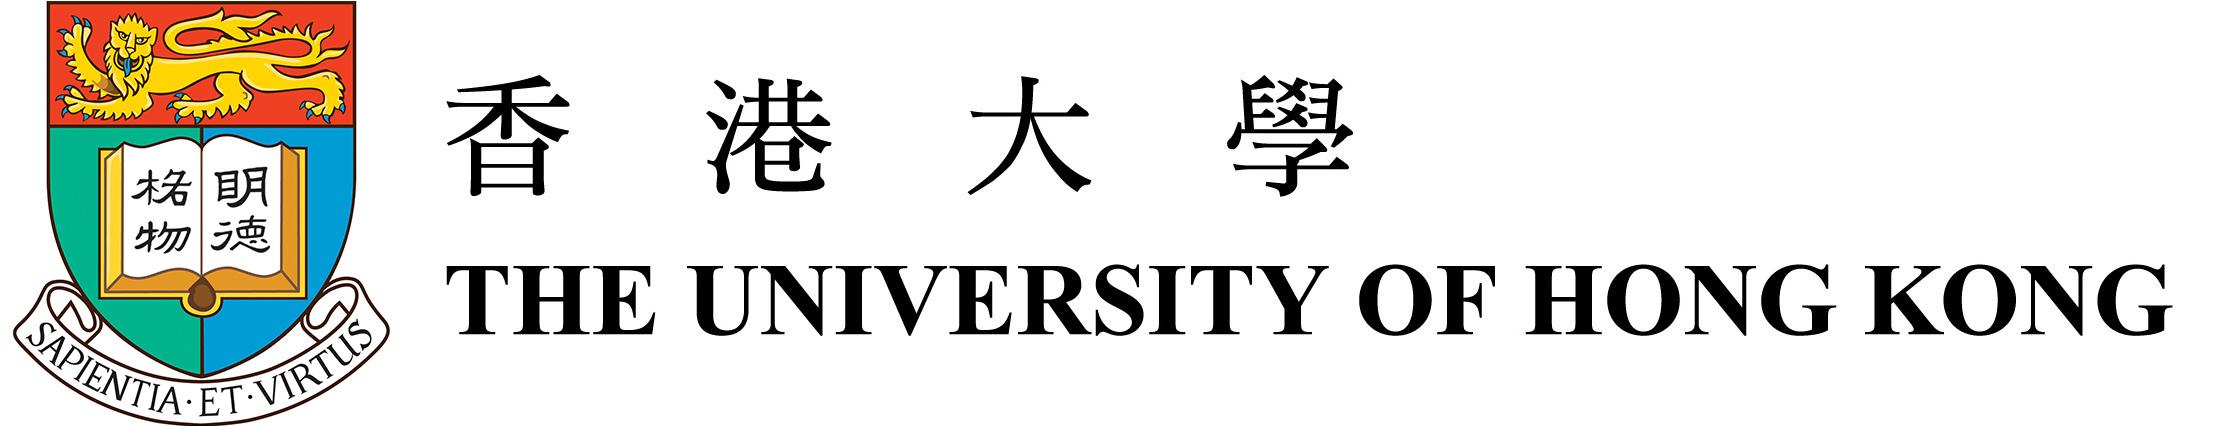 logo_HKU